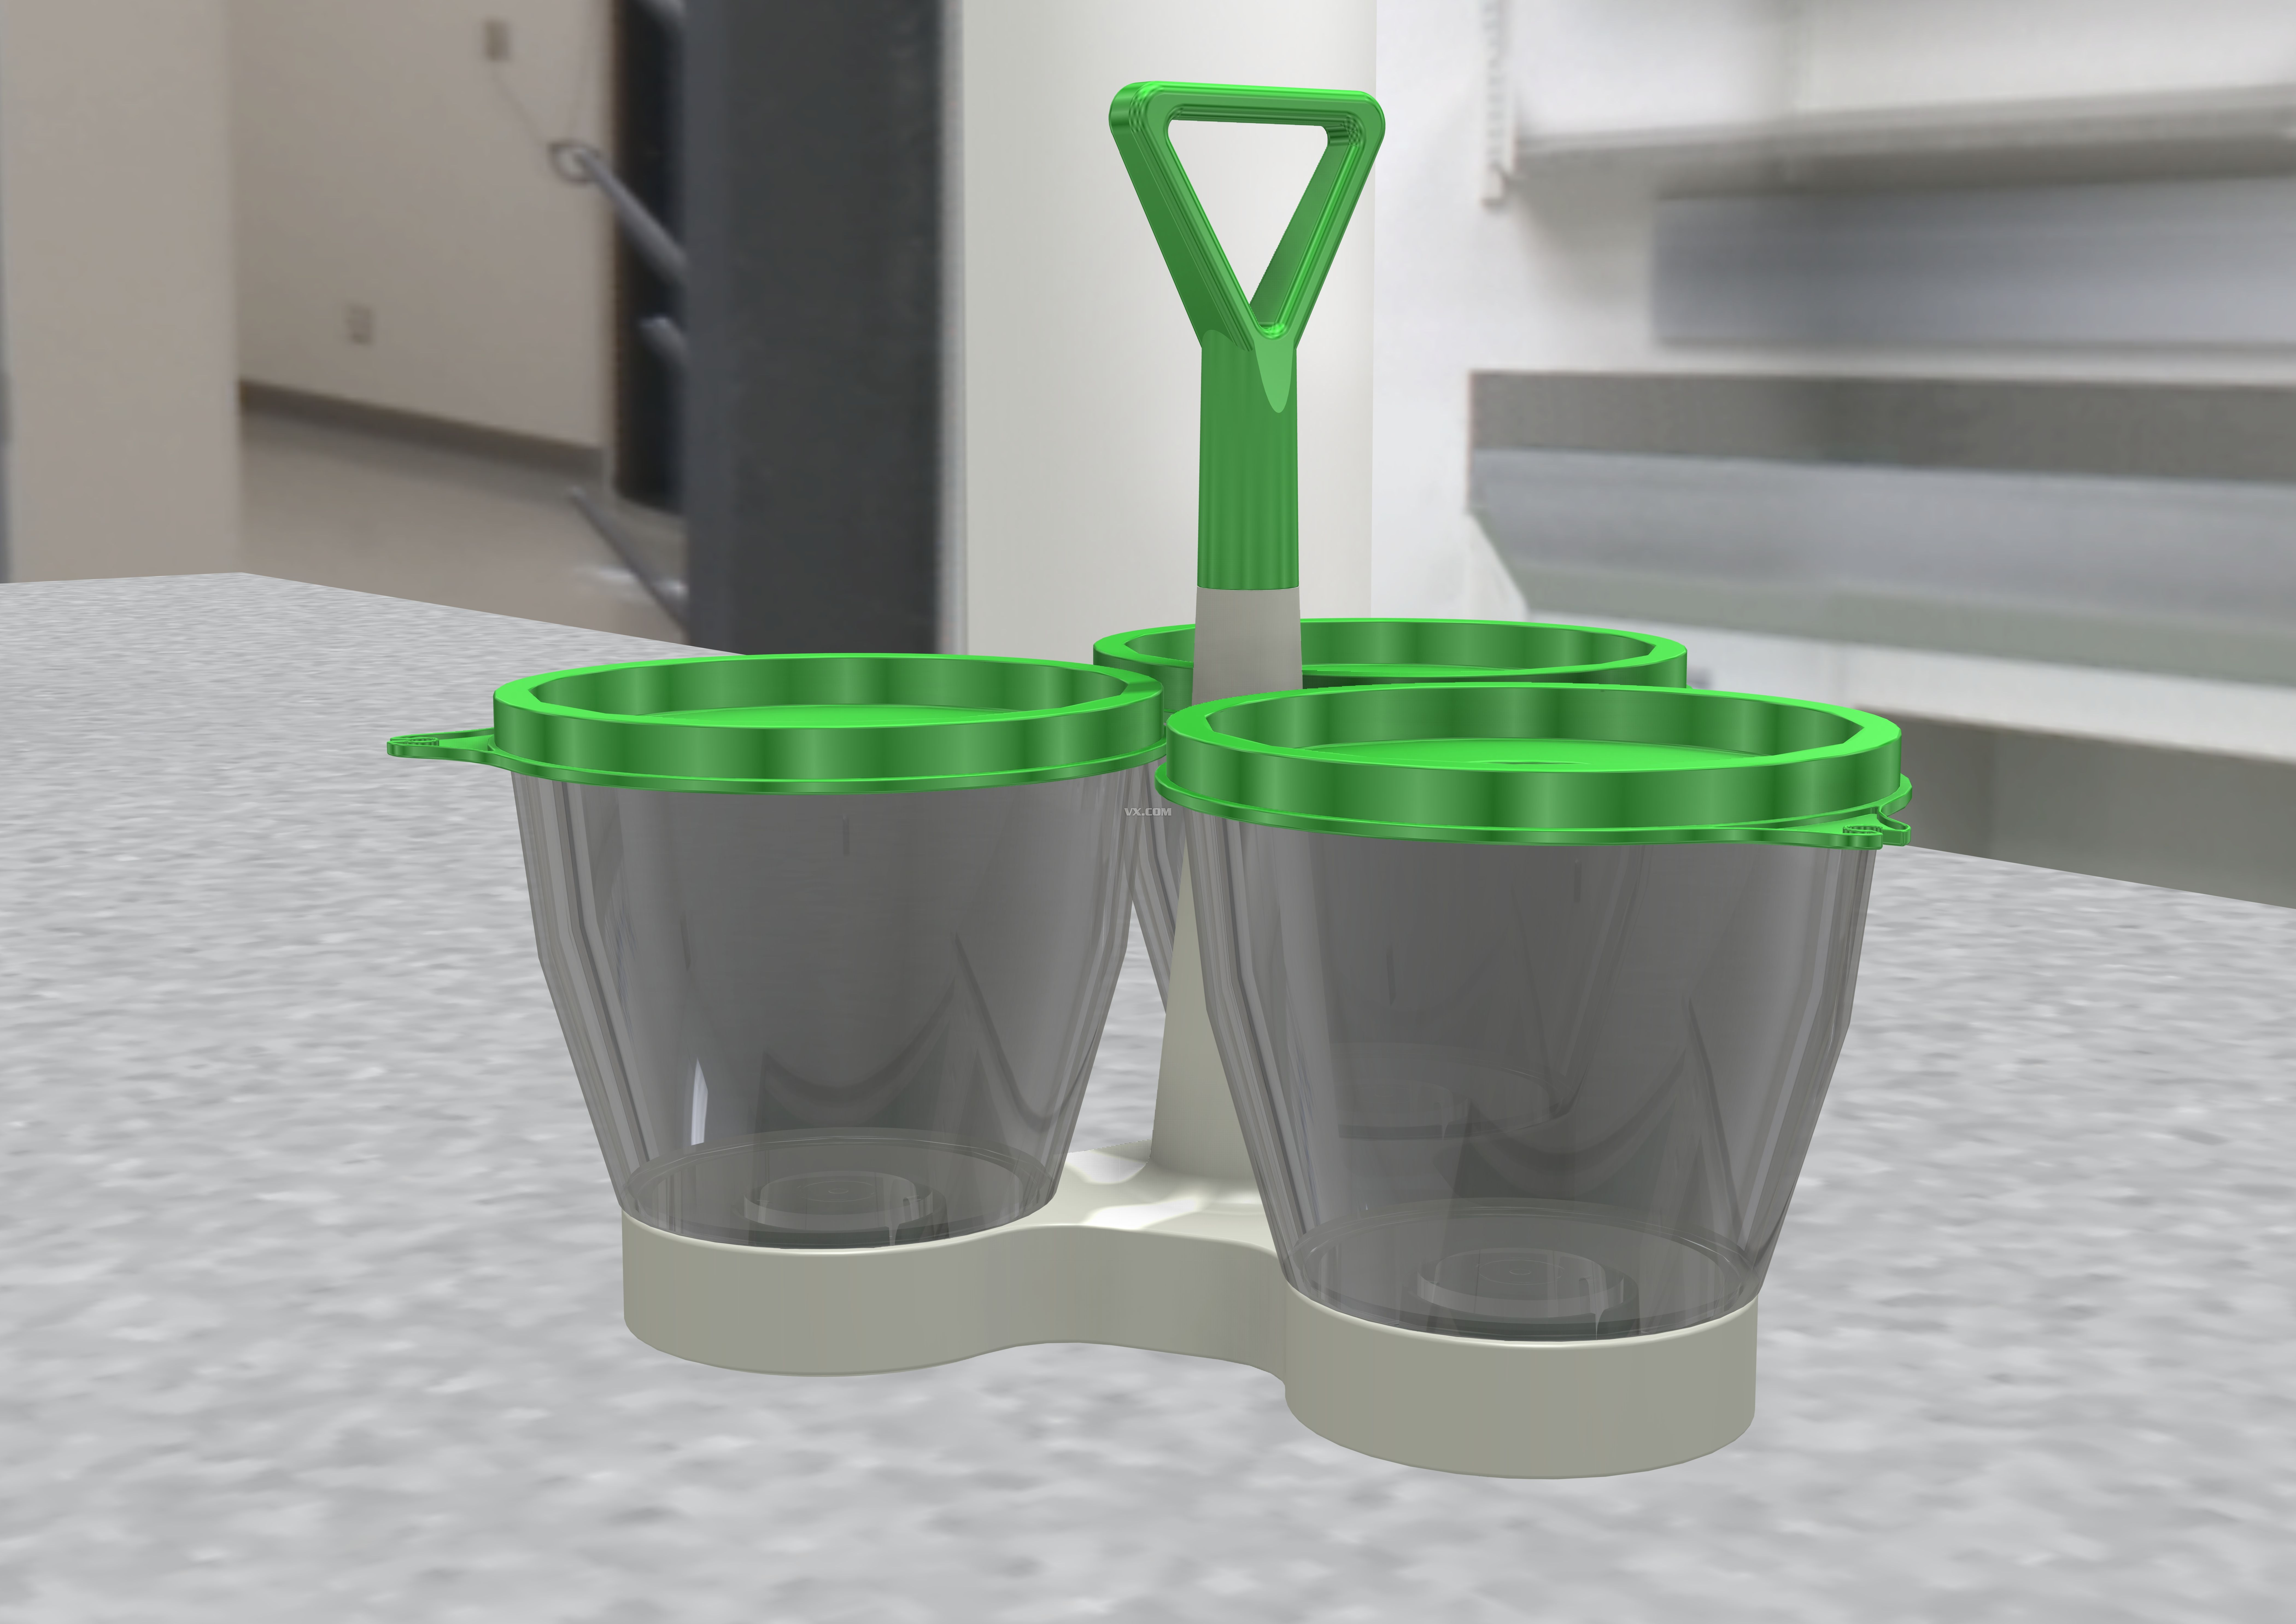 塑料桶_step/stp_生活设施